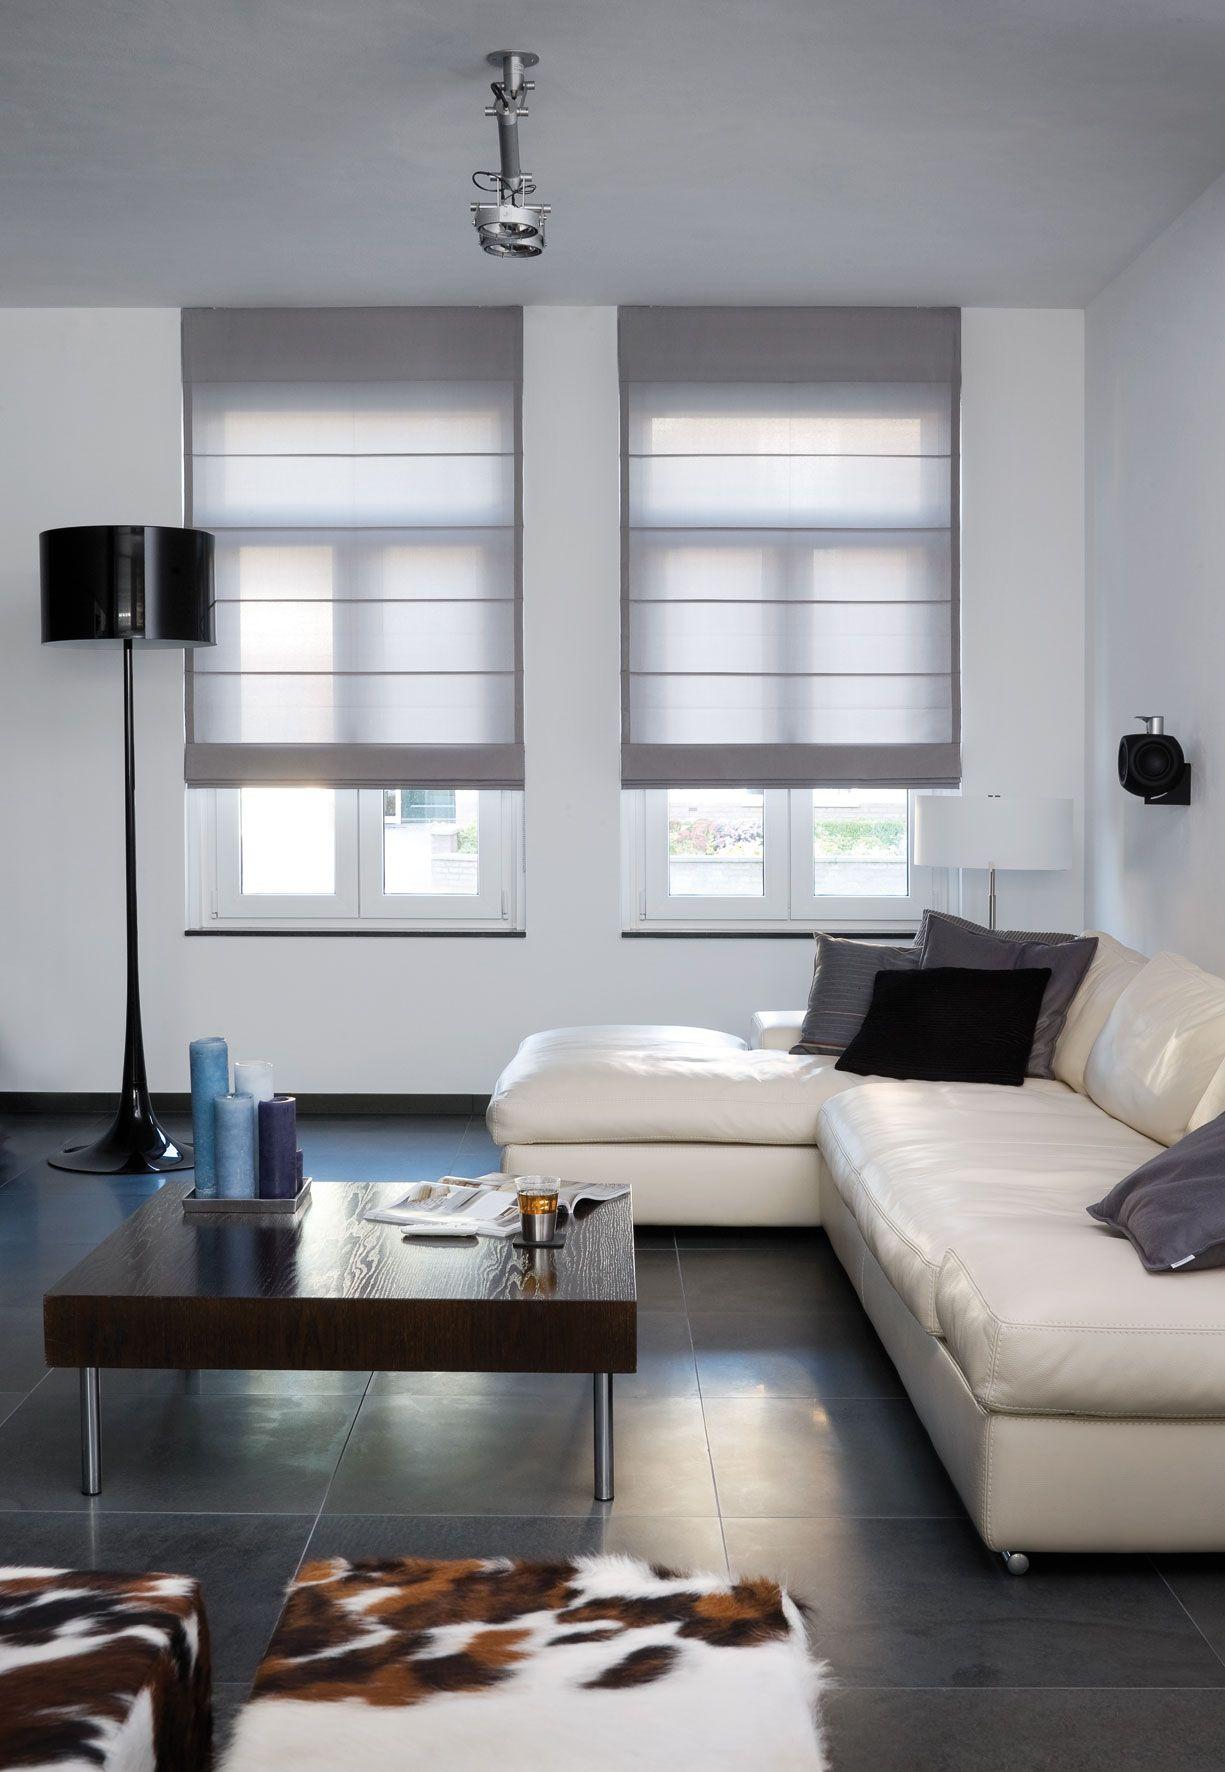 Mooie strakke woonkamer met vouwgordijnen | Gordijnen | Pinterest ...